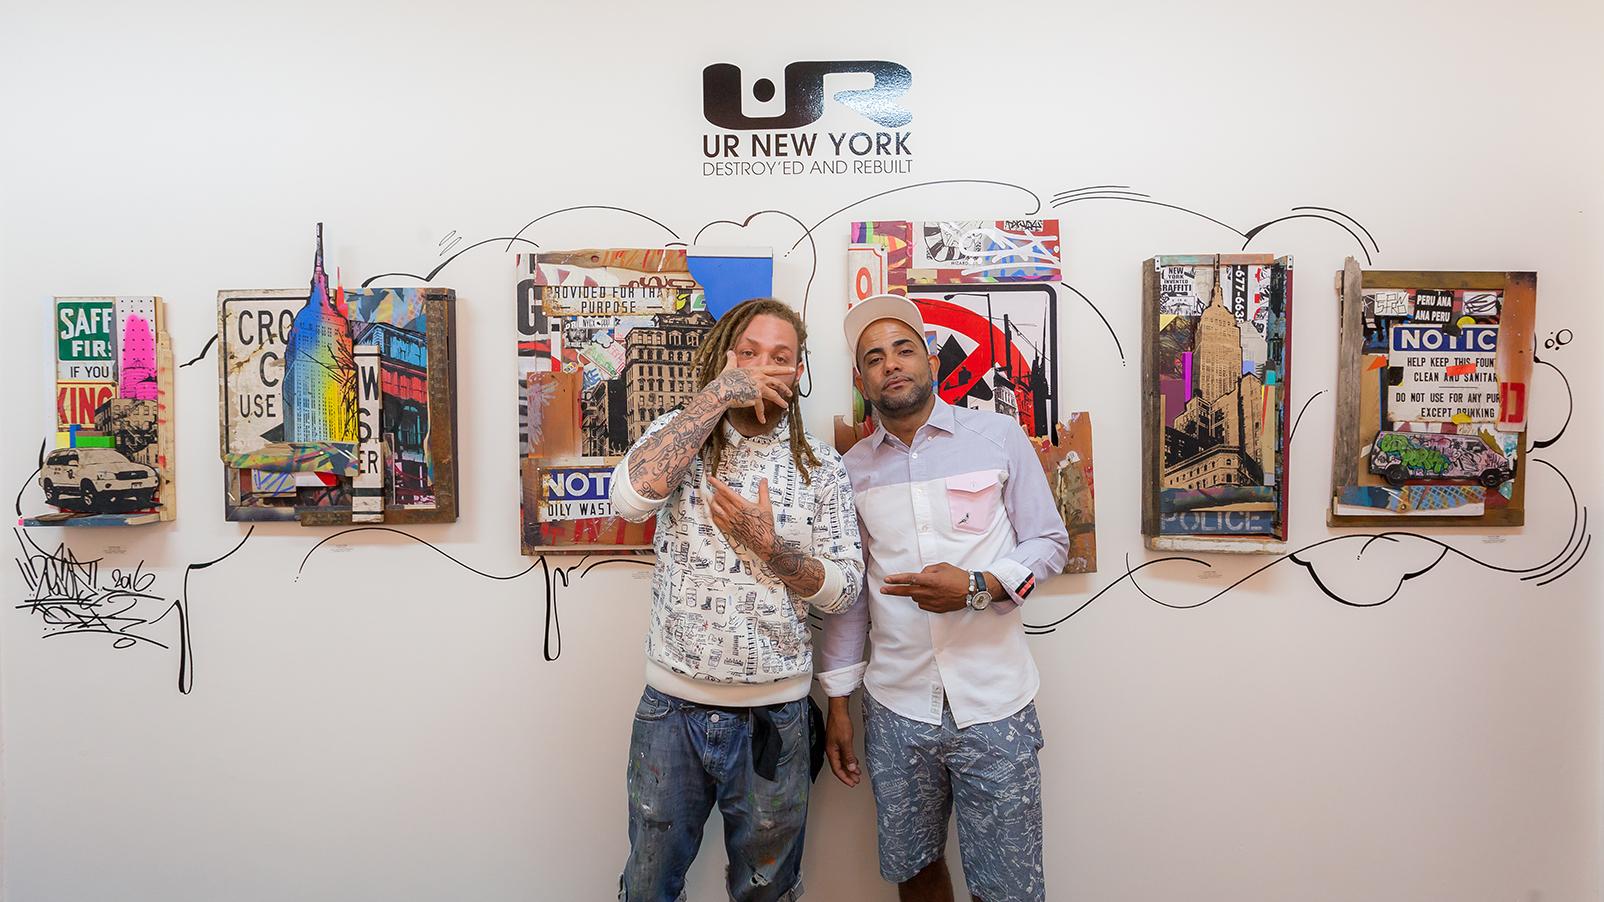 UR New York